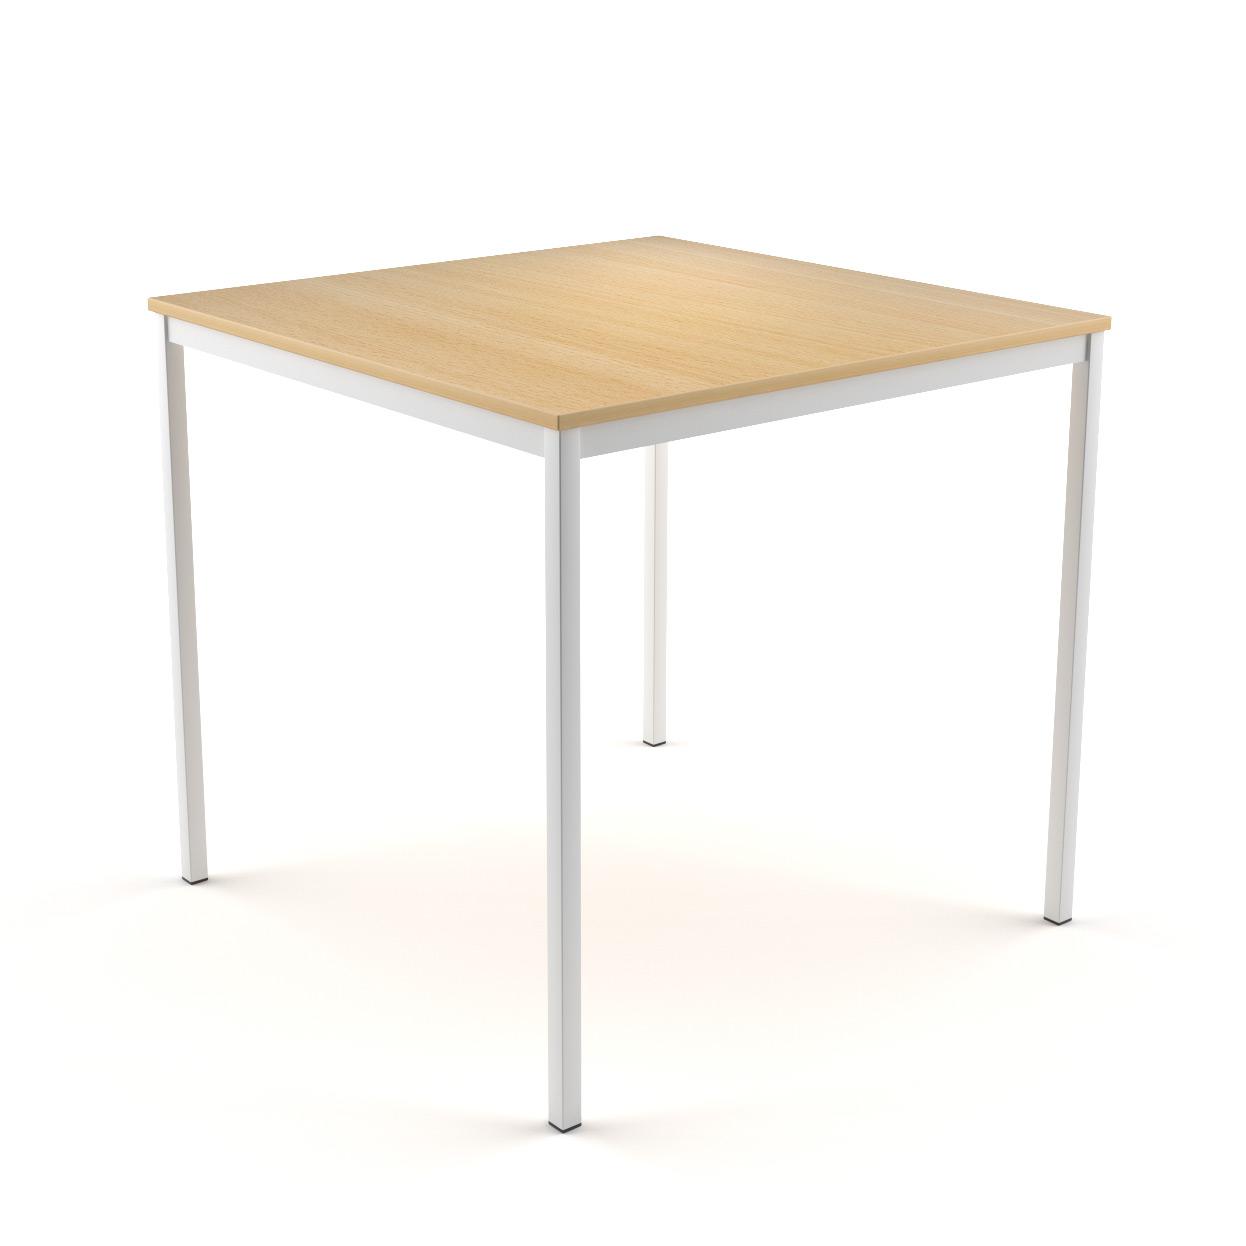 Tisch Oskar mit Buche-Dekor Tischplatte und Metallgestell